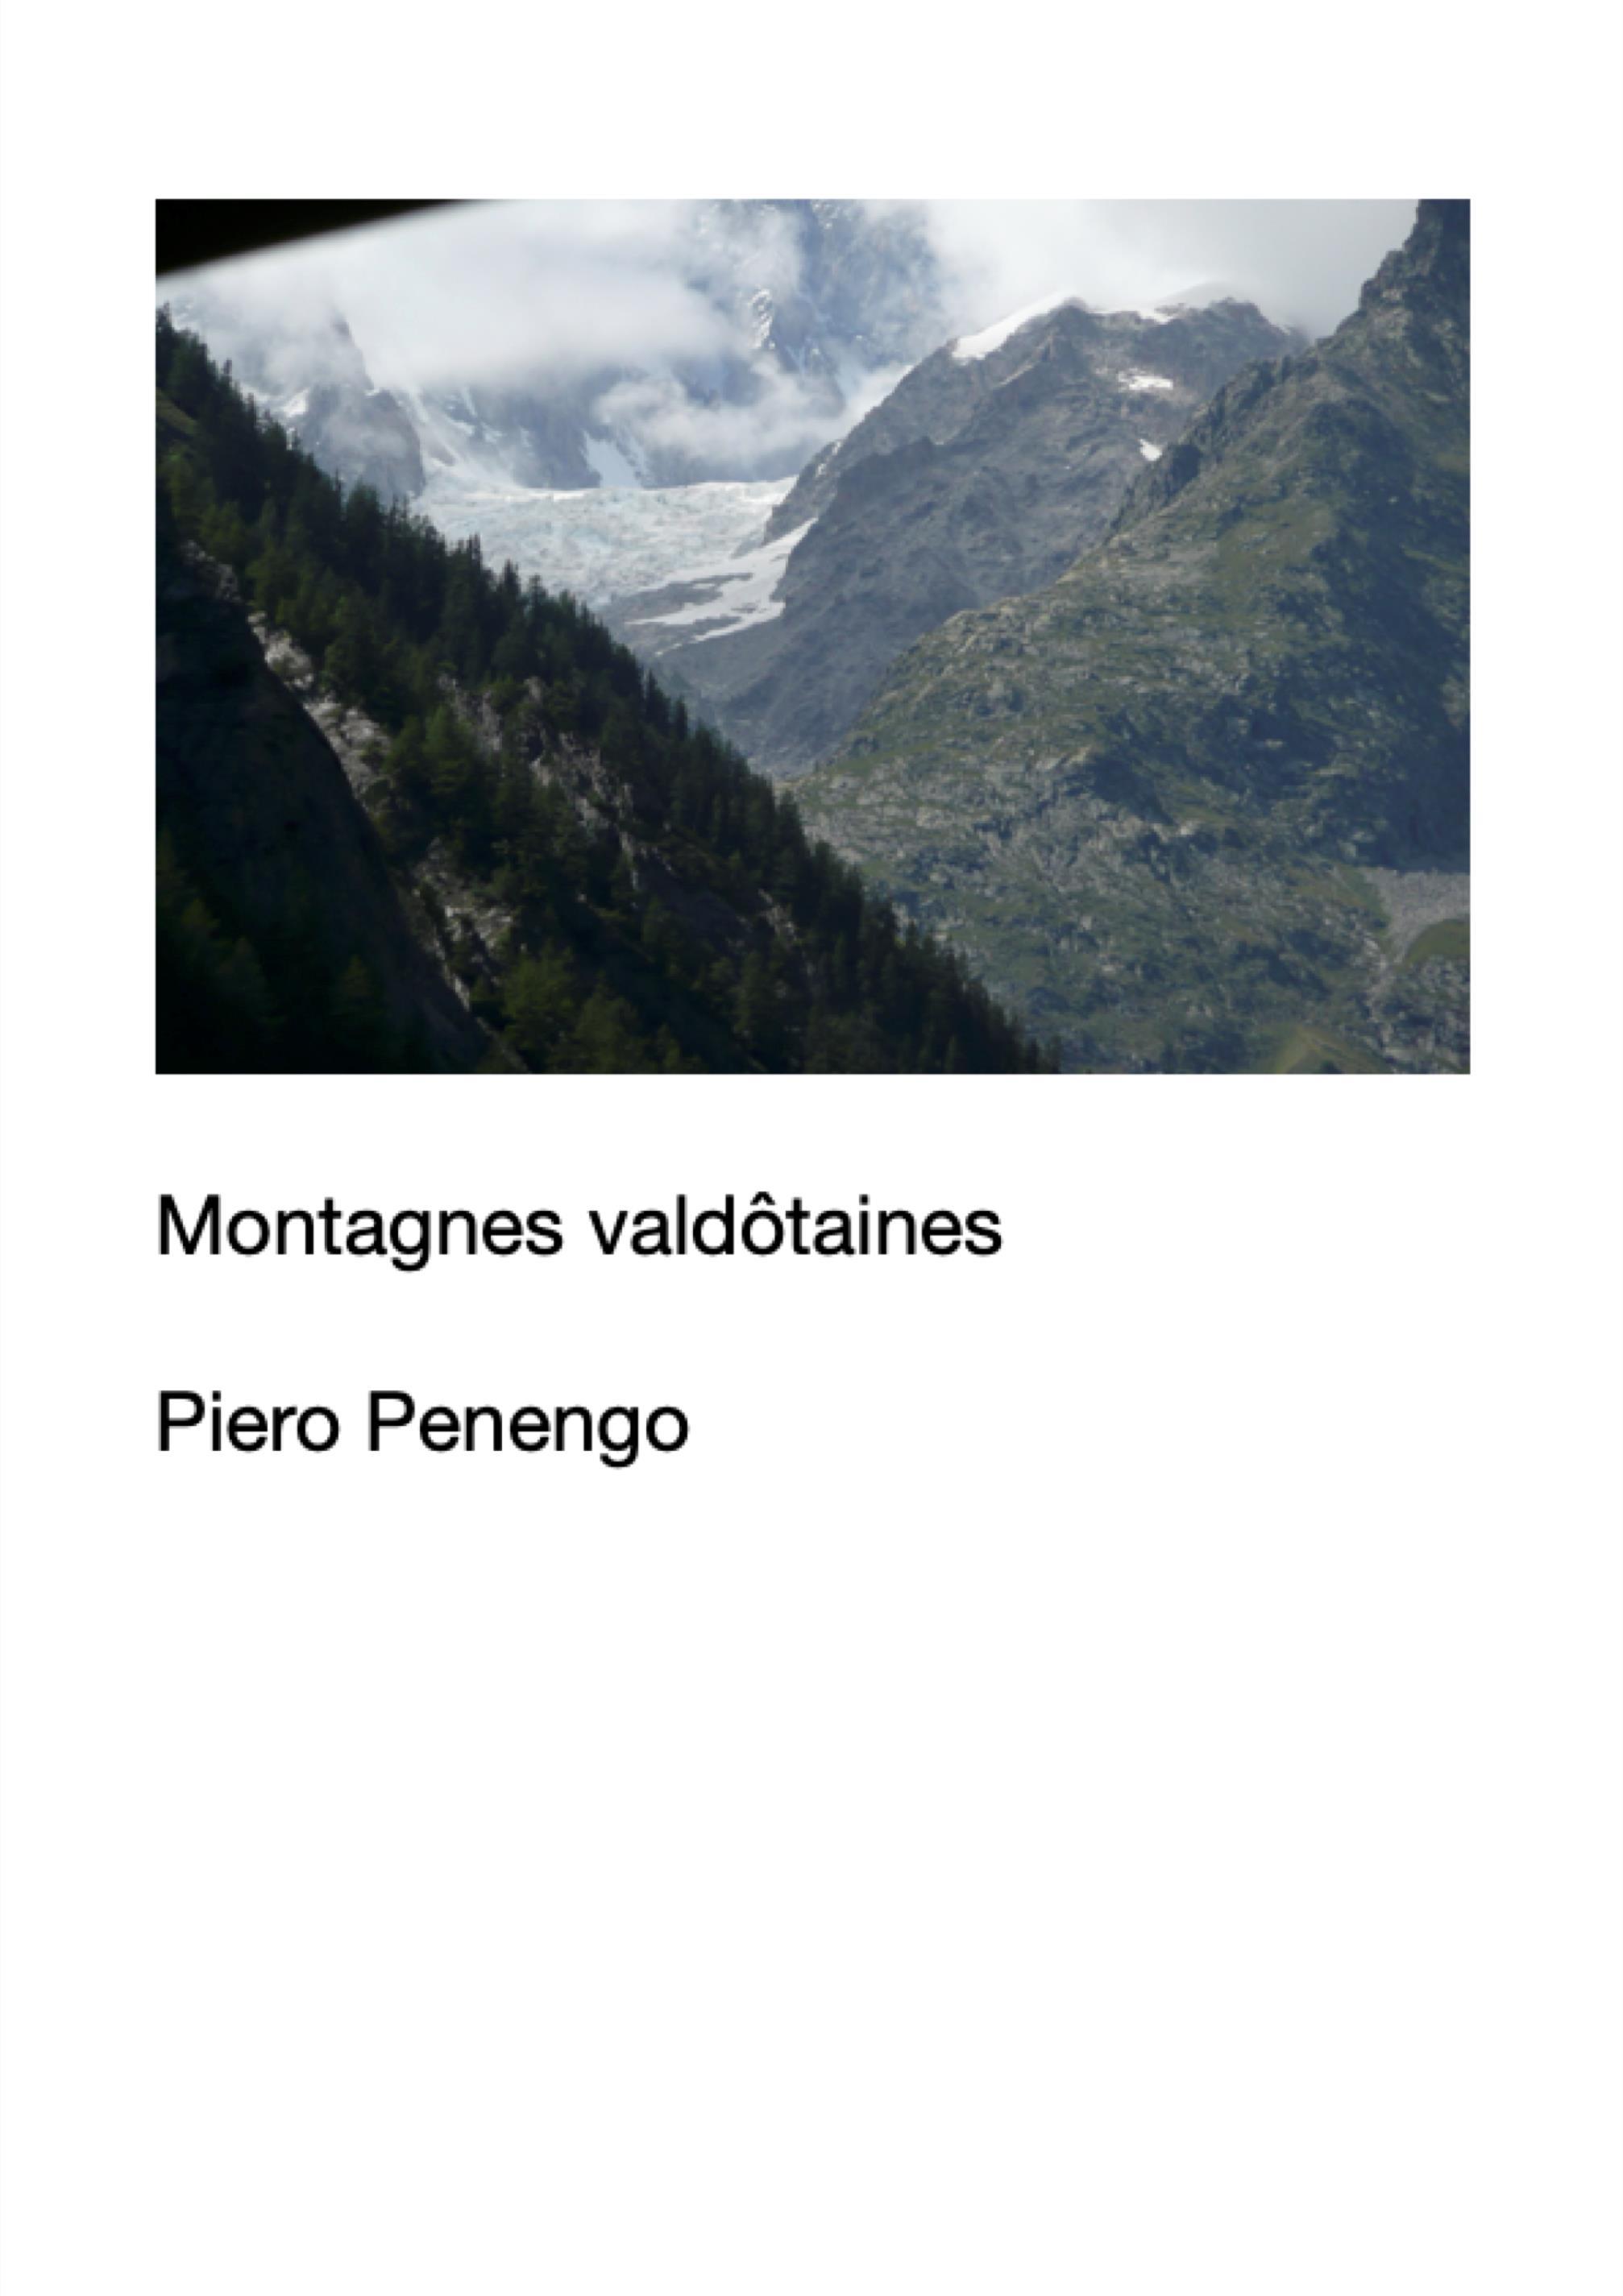 Montagnes valdotaines